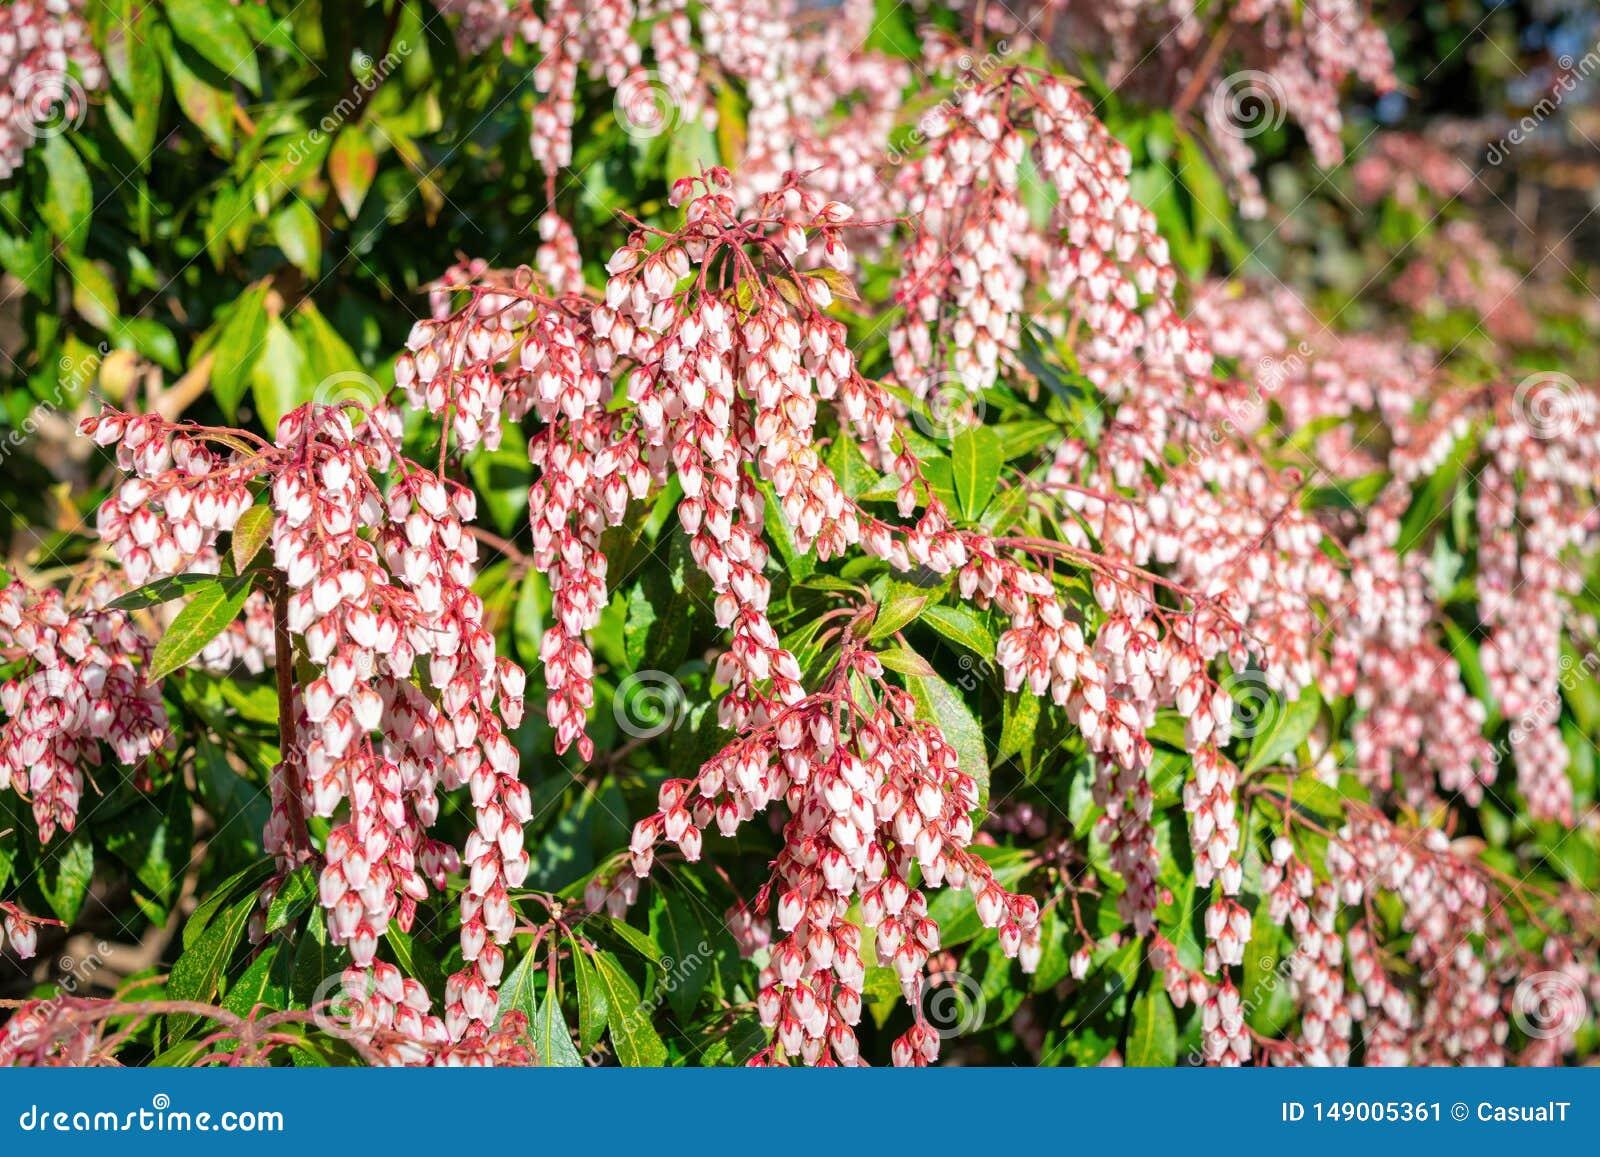 Petites fleurs à bulbes blanches de ressort sur les tiges rouges, parmi les feuilles vertes succulentes de buisson